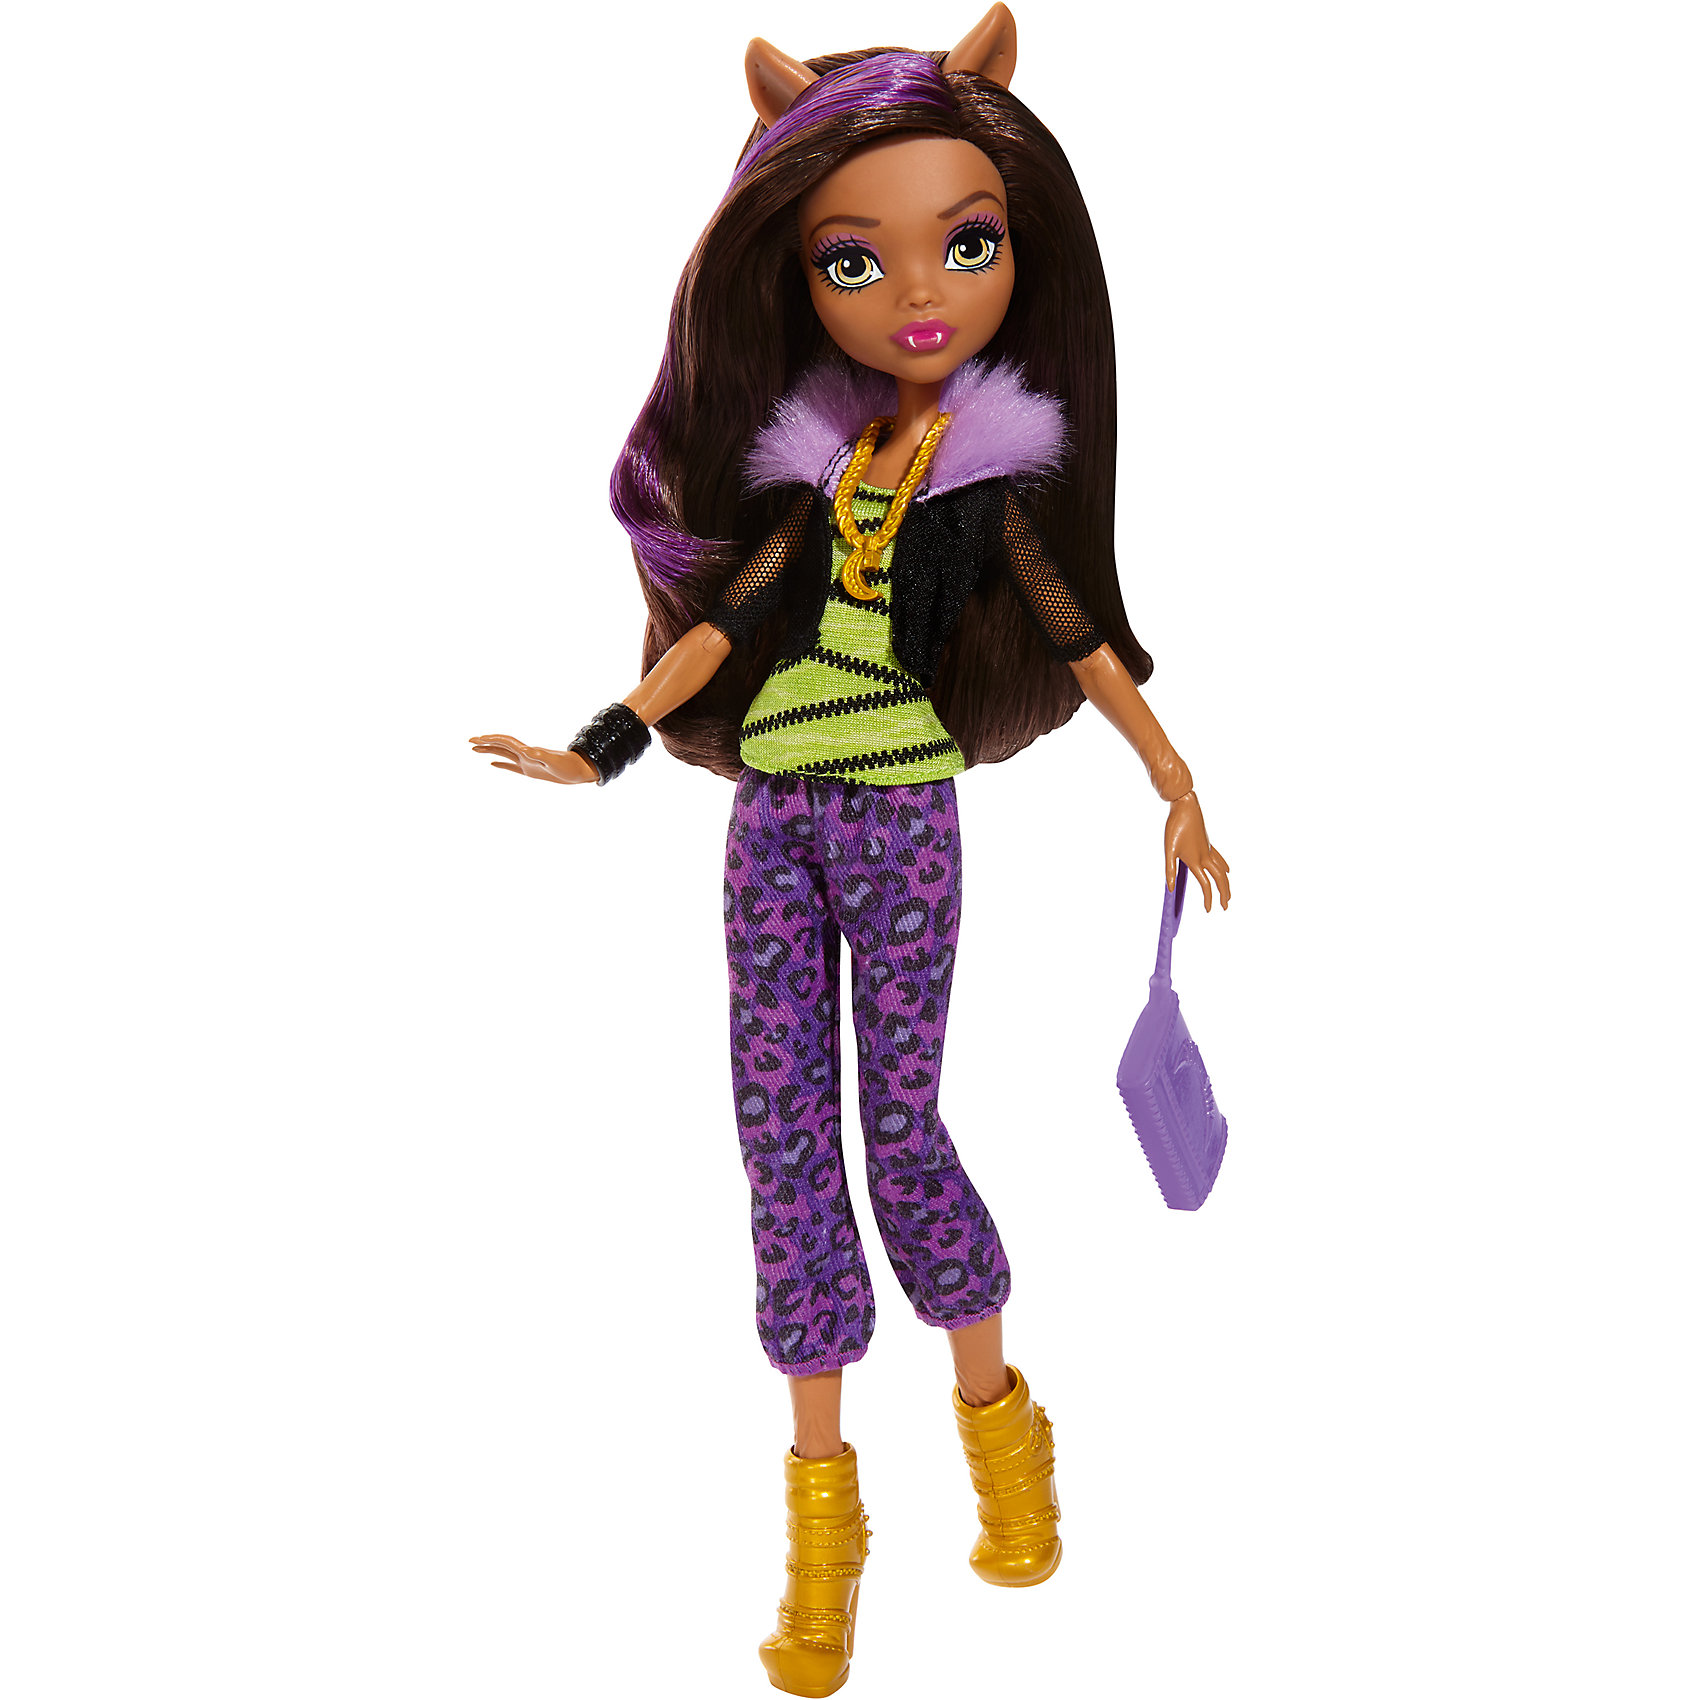 Кукла в модном наряде, Monster HighMonster High<br>Кукла в новом наряде  имеет уникальный наряд со съемными аксессуарами: ожерельем,сумочкой,туфлями. Благодаря этому, ребёнок сможет создать не один образ для куклы.  С ней девочка придумает собственную фантастическую историю о куклах-монстрах. Игра с куклой в новом наряде не только подарить много положительных эмоций, но и поспособствует развитию фантазию ребенка. <br>В товар входит:<br>-кукла<br>-аксессуары<br><br>Дополнительная информация:<br>-Размерв упаковке: 33х 15 х 6<br>-Вес:258 г<br>-Состав: текстиль, пластмасса<br>-Для девочек от 6 лет<br>-Марка: Mattel<br><br>Ширина мм: 339<br>Глубина мм: 154<br>Высота мм: 66<br>Вес г: 184<br>Возраст от месяцев: 72<br>Возраст до месяцев: 120<br>Пол: Женский<br>Возраст: Детский<br>SKU: 4973465